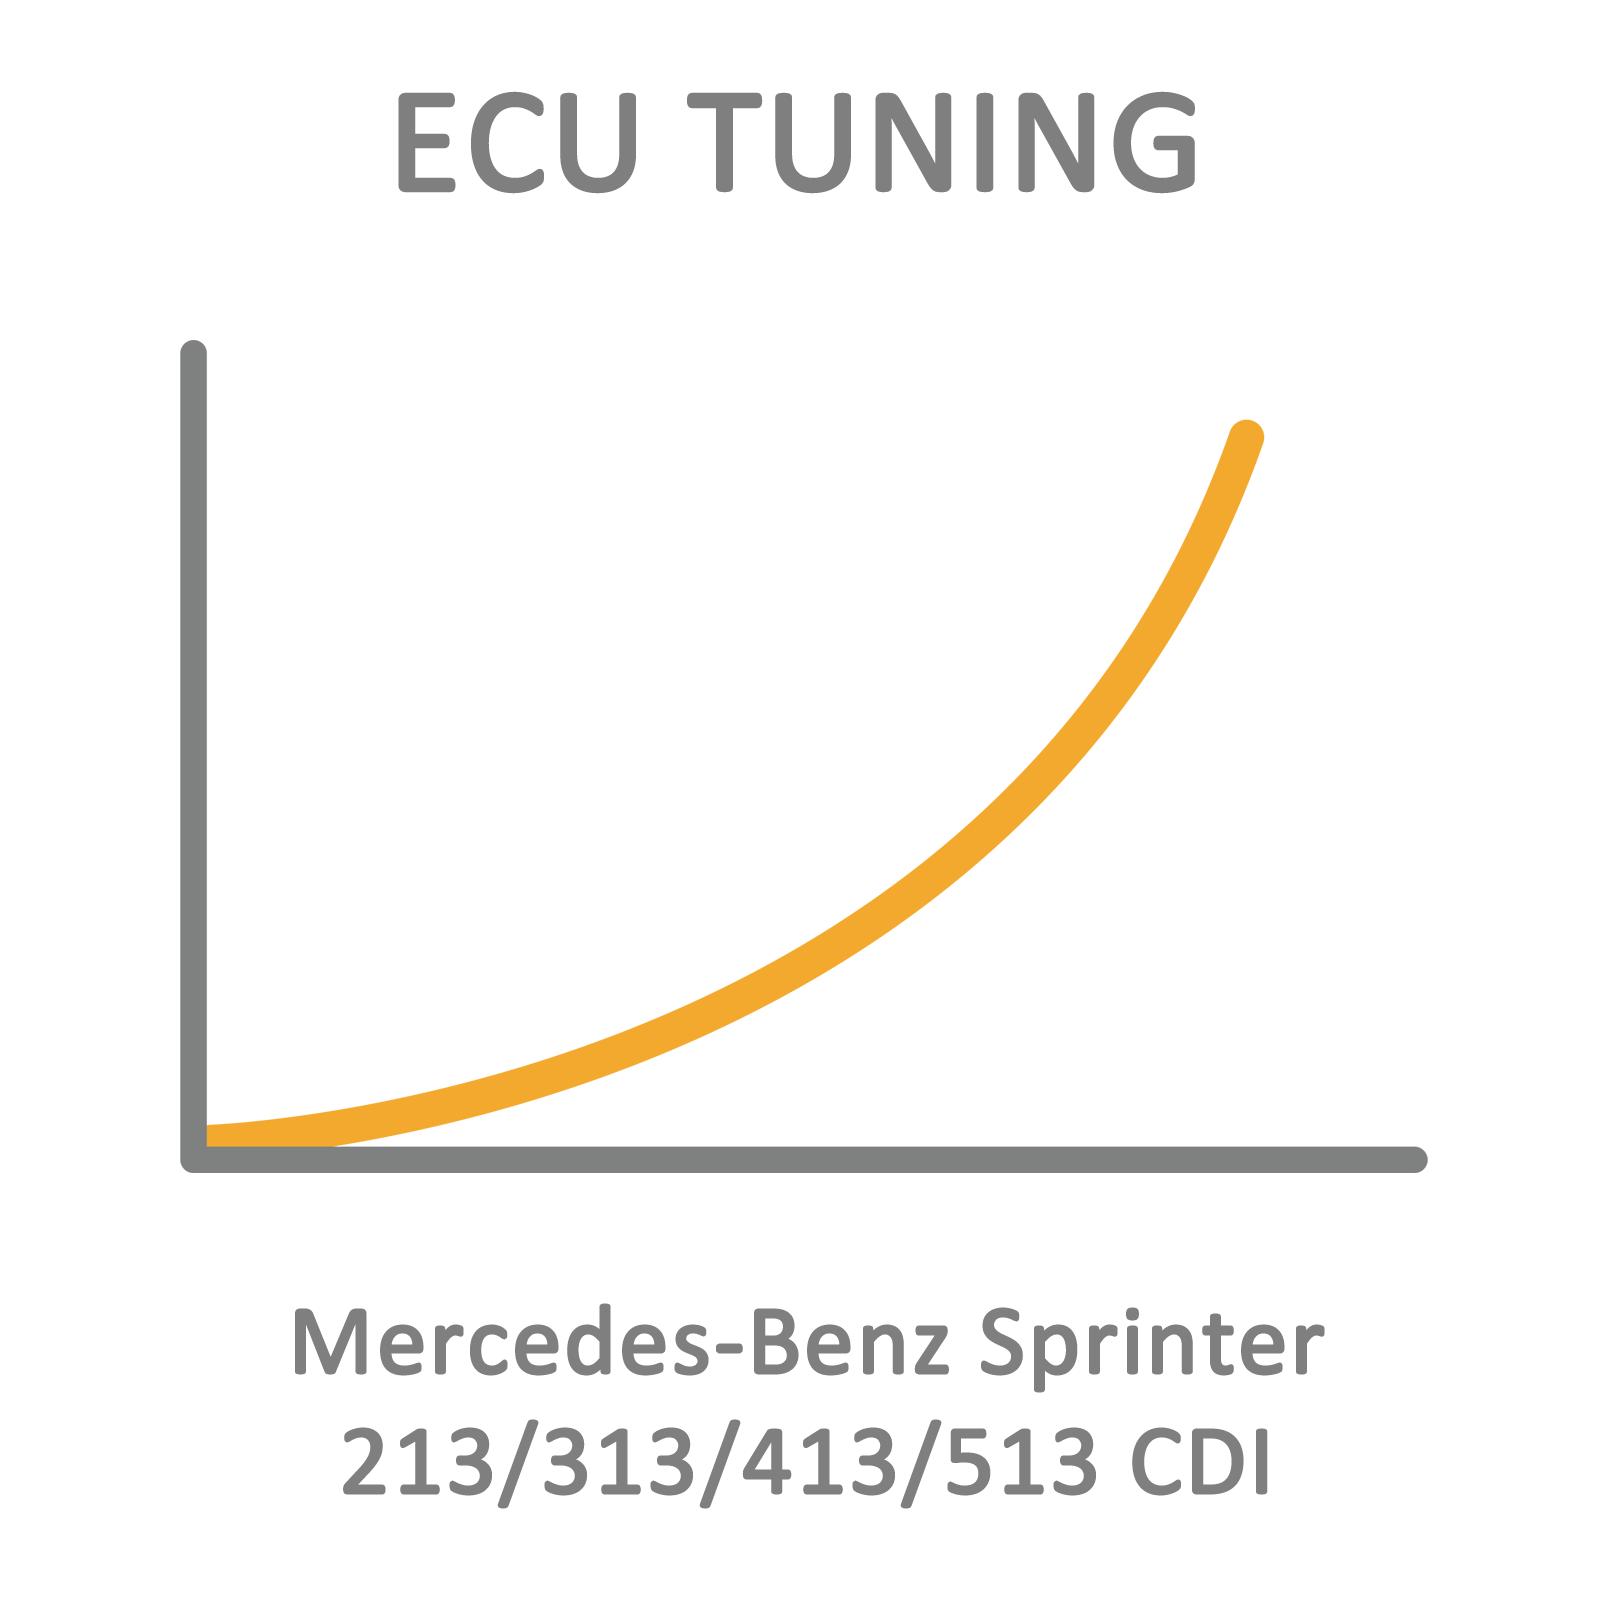 Mercedes-Benz Sprinter 213/313/413/513 CDI 129HP ECU